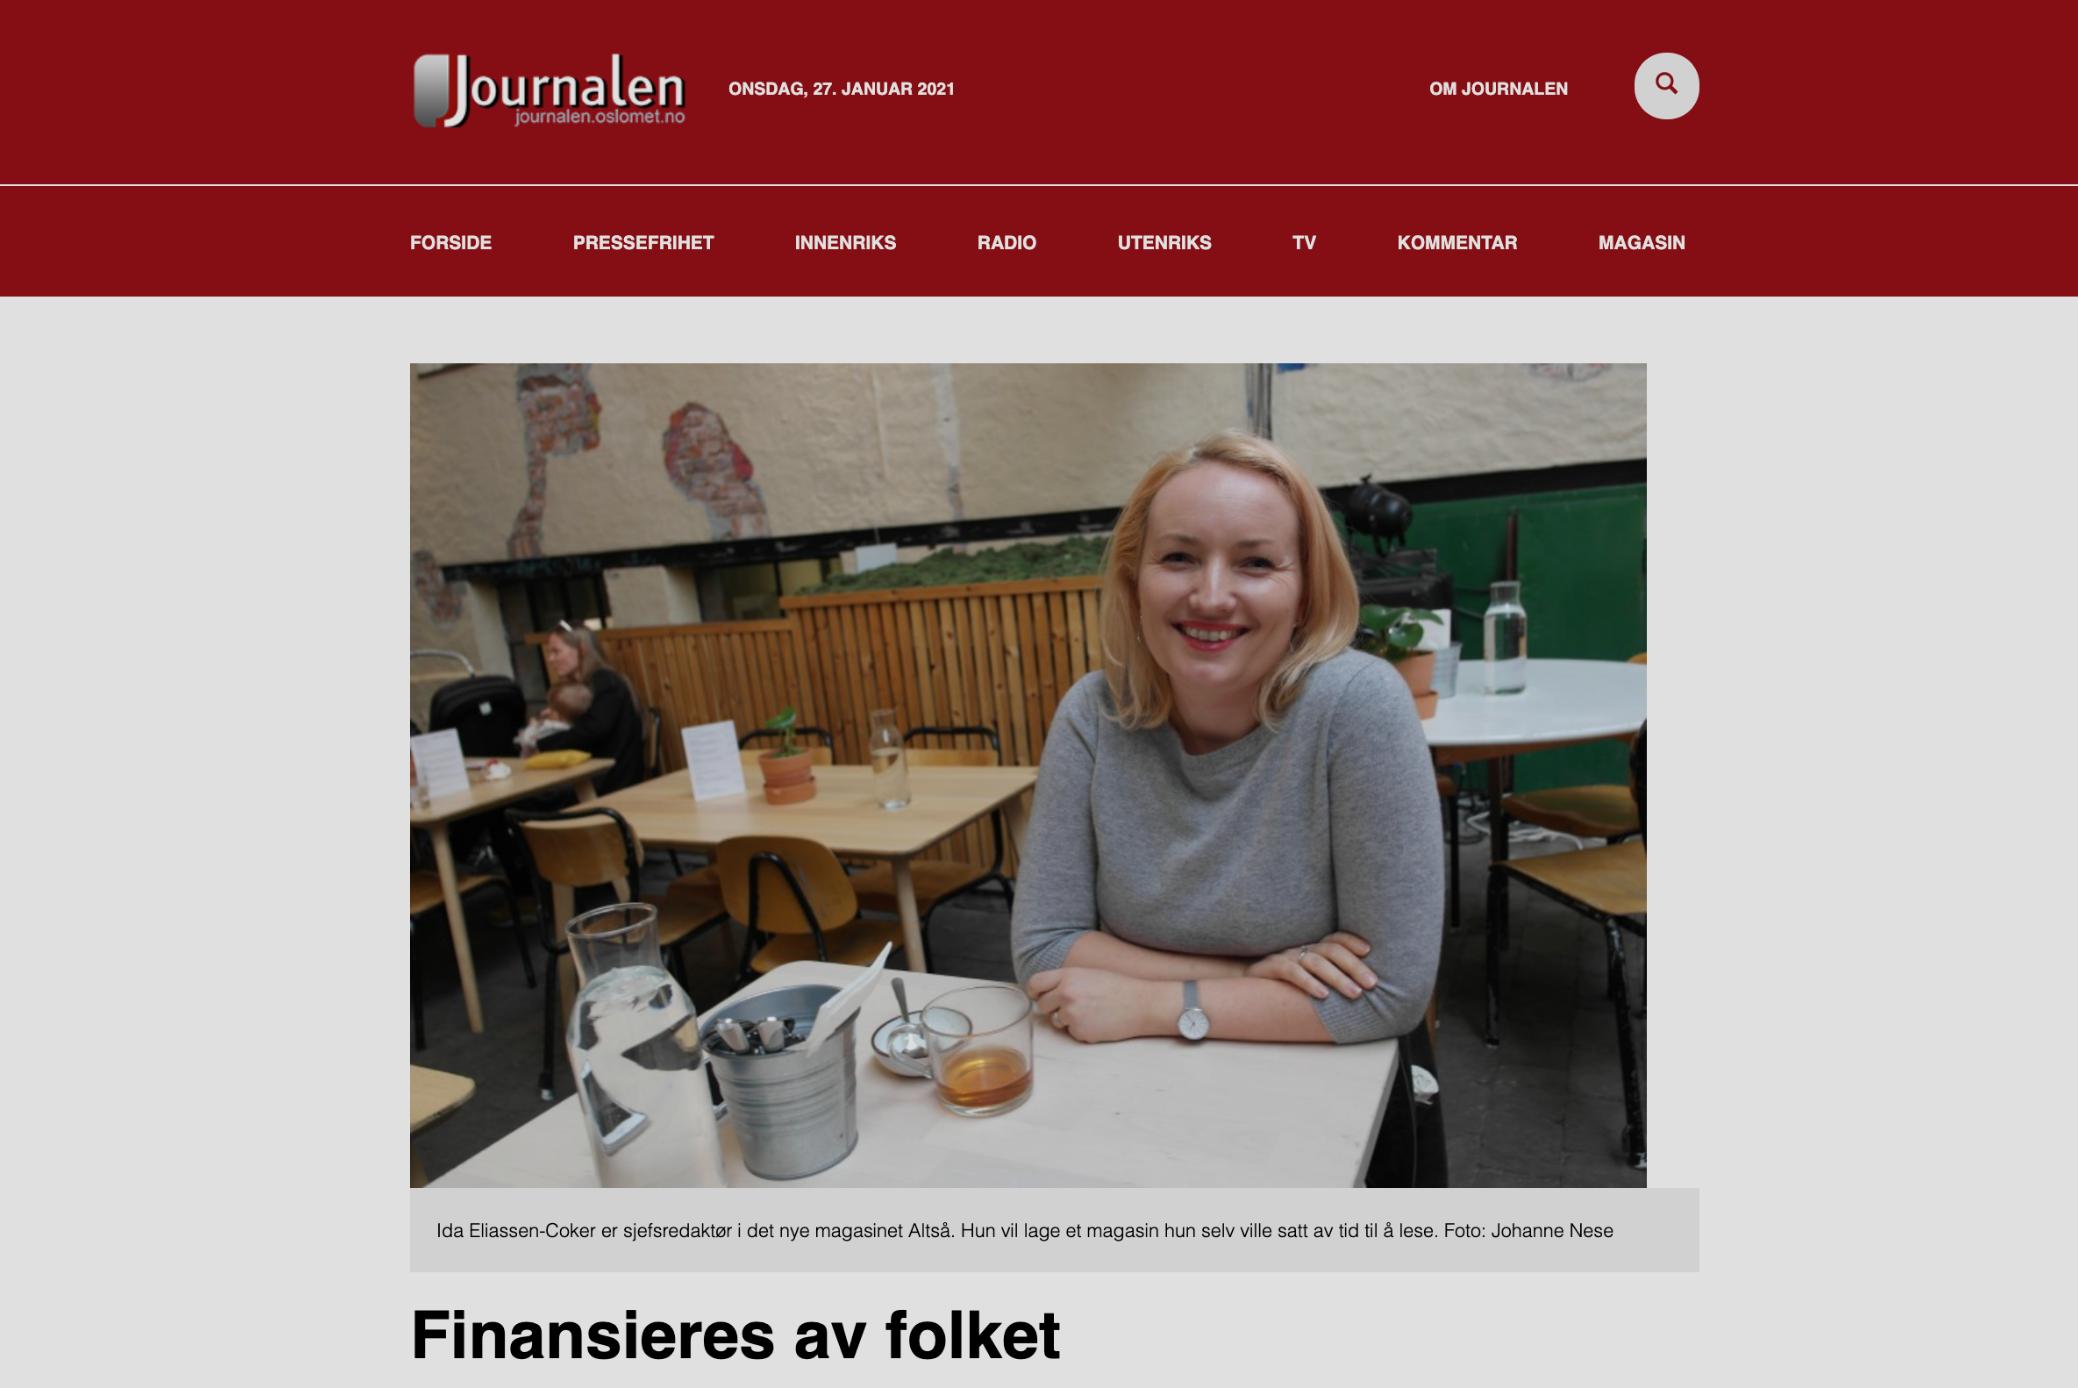 Journalen: Finansieres av folket